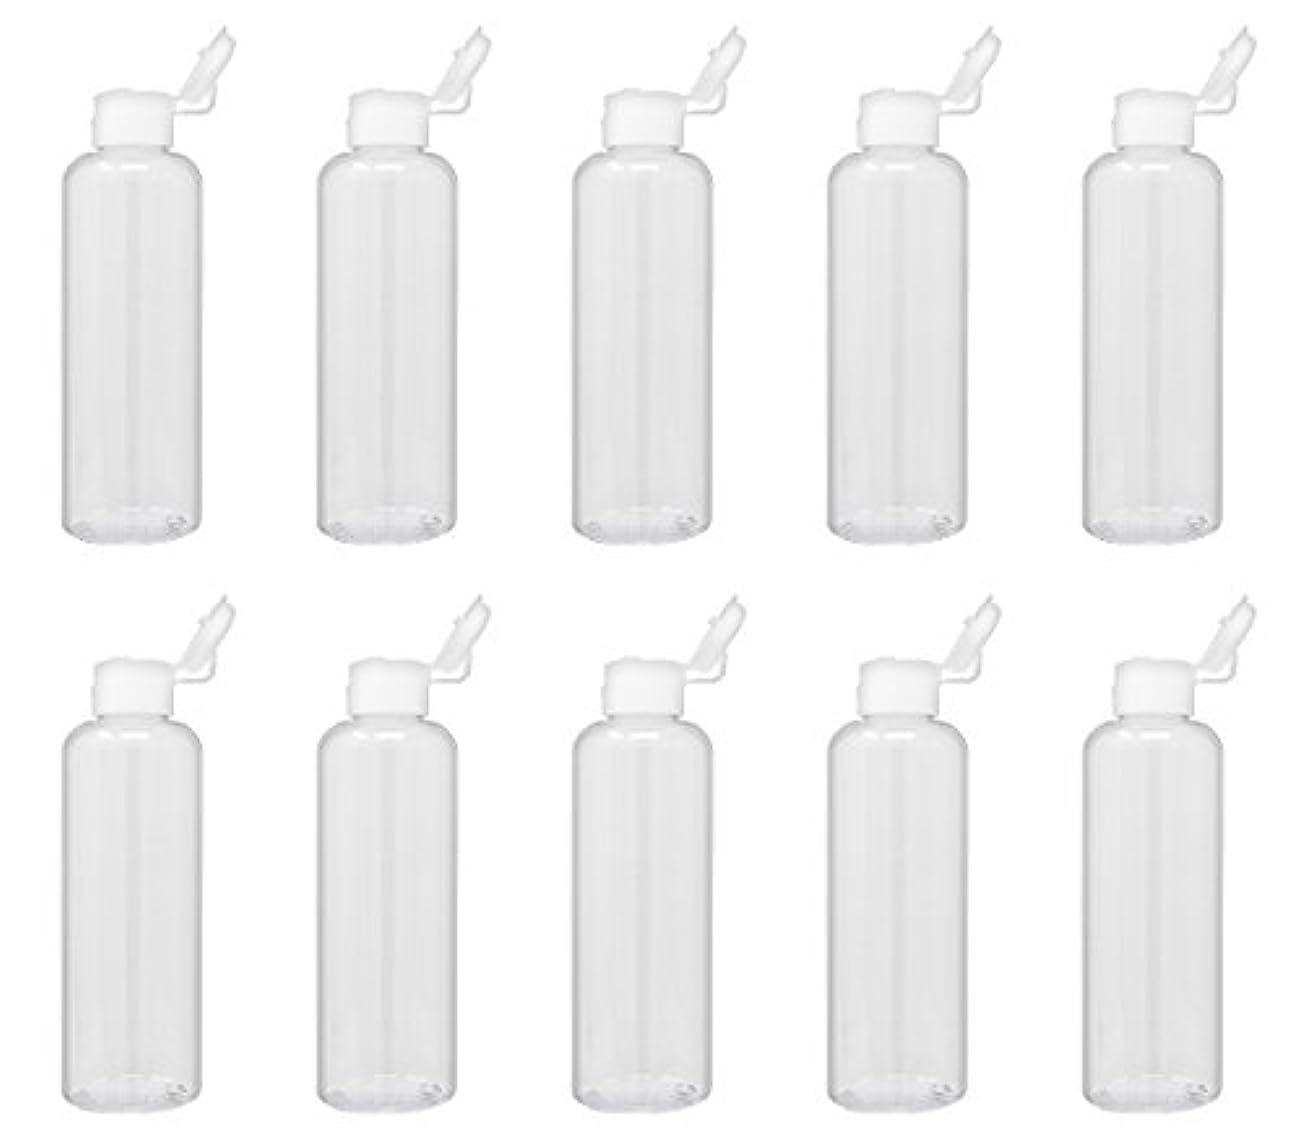 妻不従順荒廃するAimax【A-200NH-W-10】日本製 詰め替え容器 10本セット 200ml 透明 プラスチックボトル 白ヒンジ(ワンタッチキャップ) 旅行グッズ